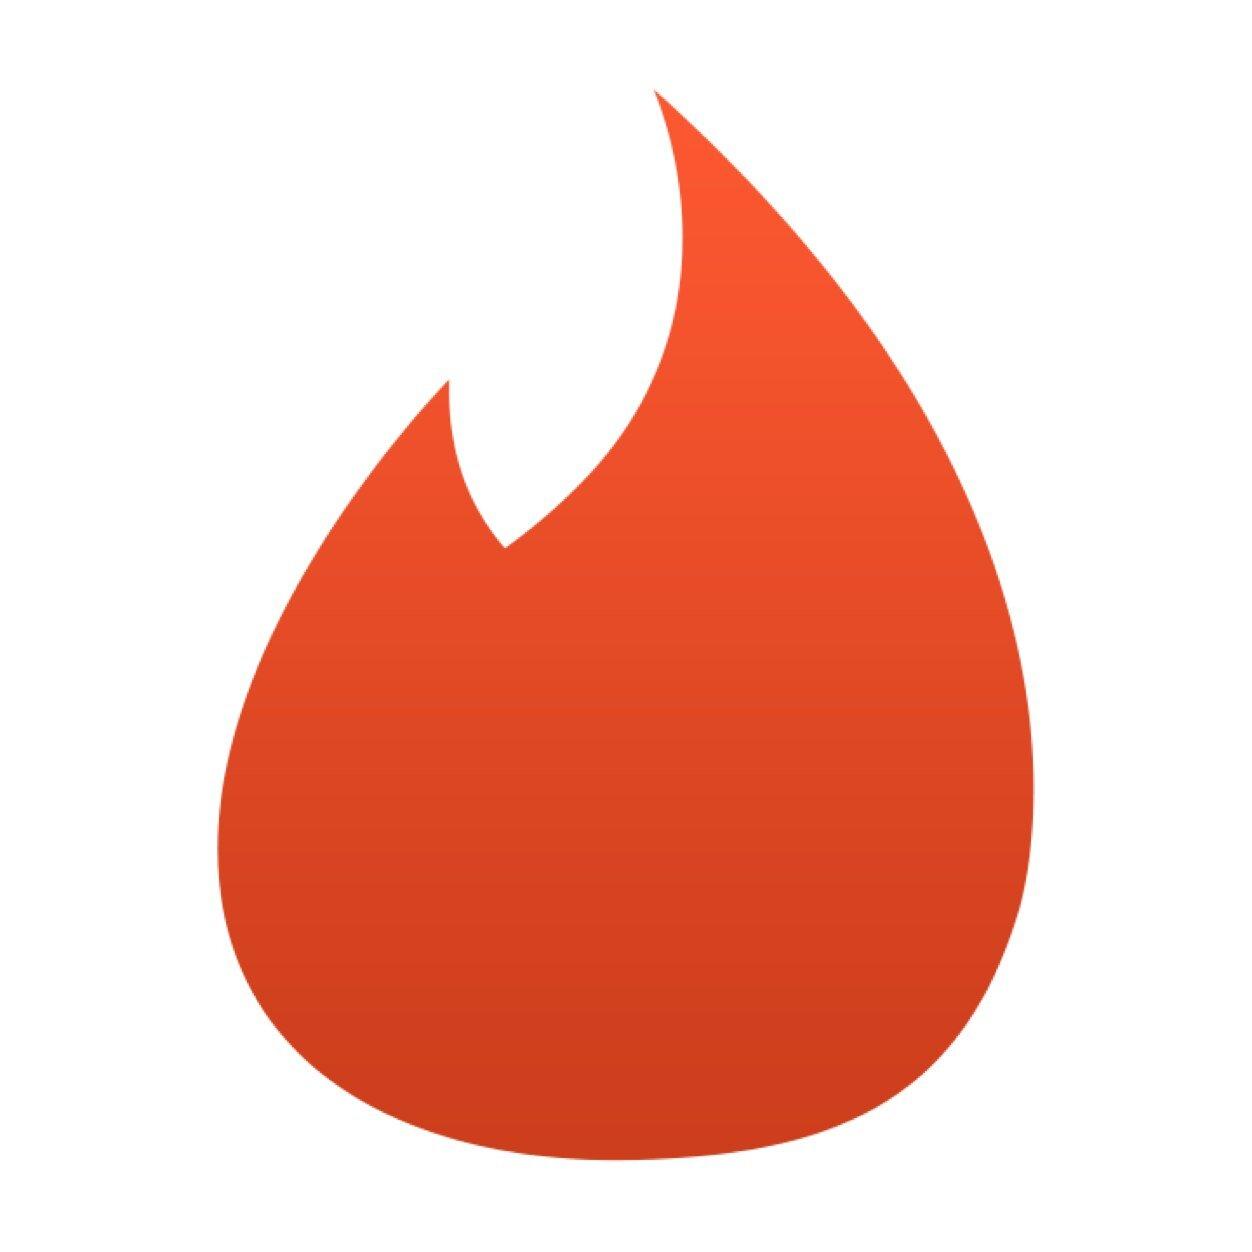 Tinder_logo Tinder PlusPng.co